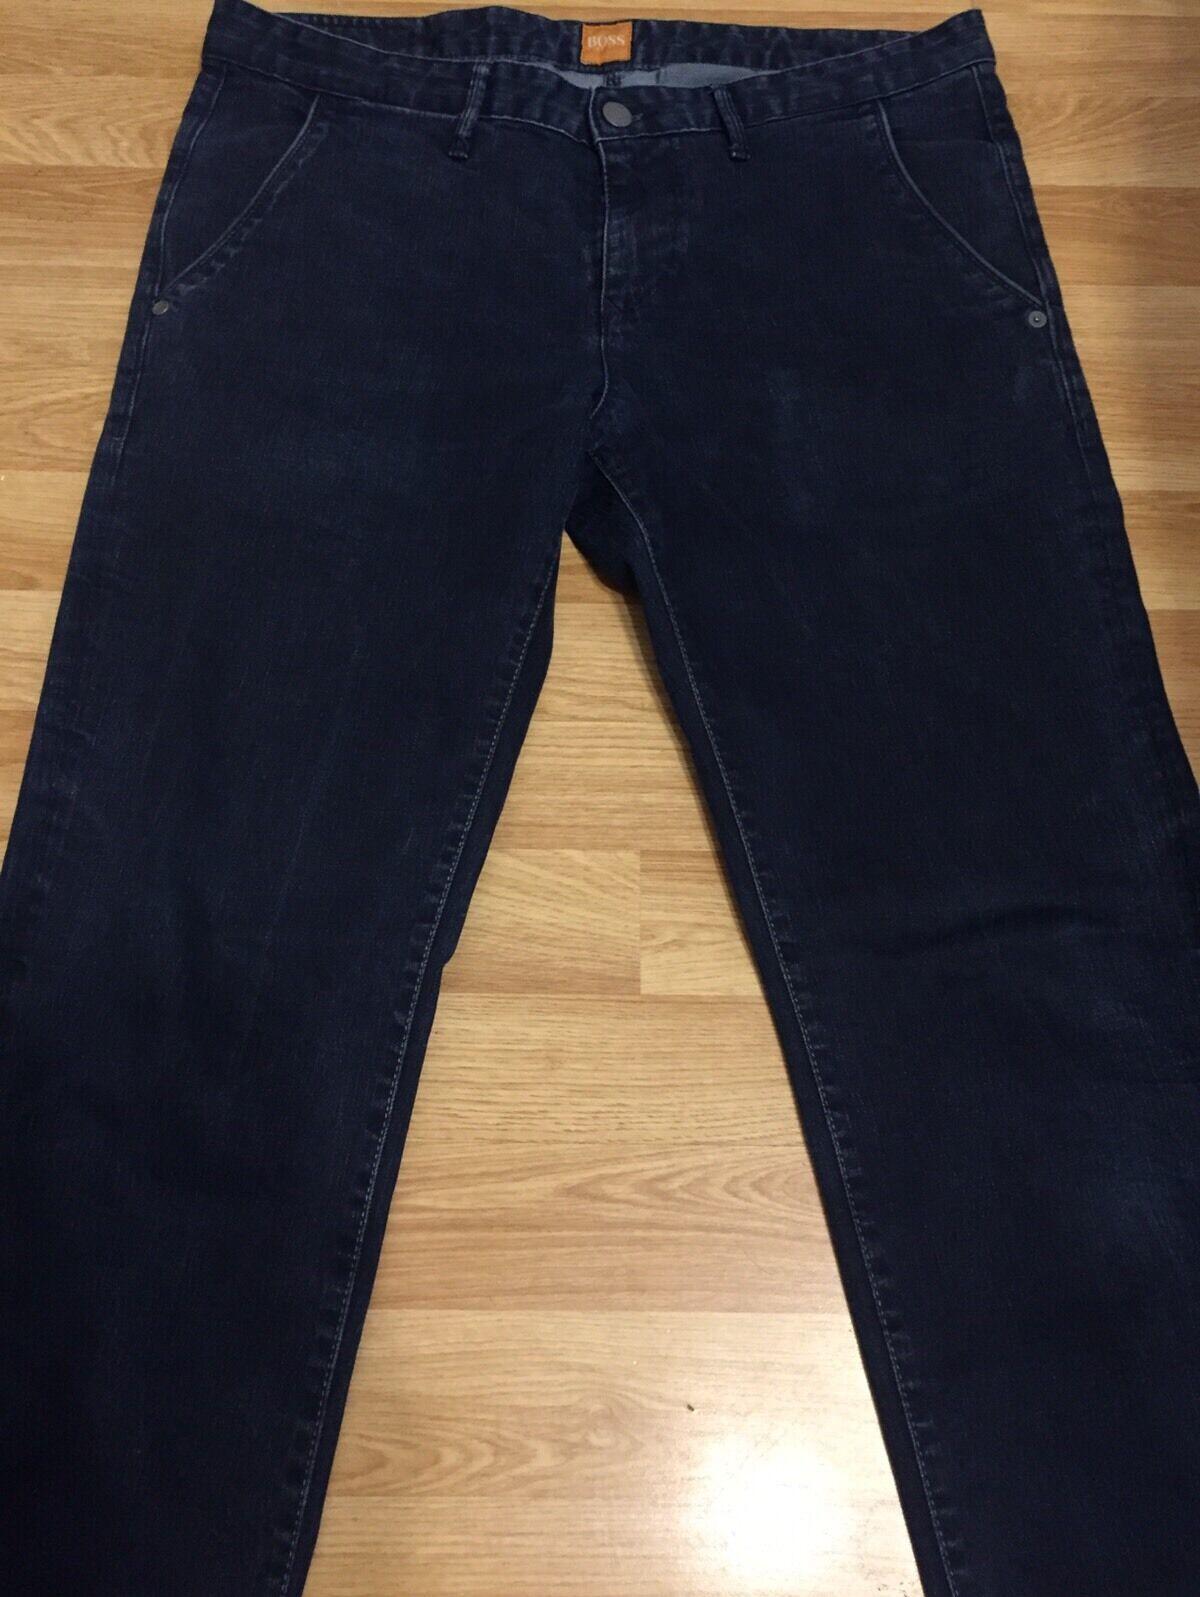 LUXURY HUGO BOSS orange MEN JEANS DENIM TROUSER PANTS blueE W35 L39 IL30 RRP